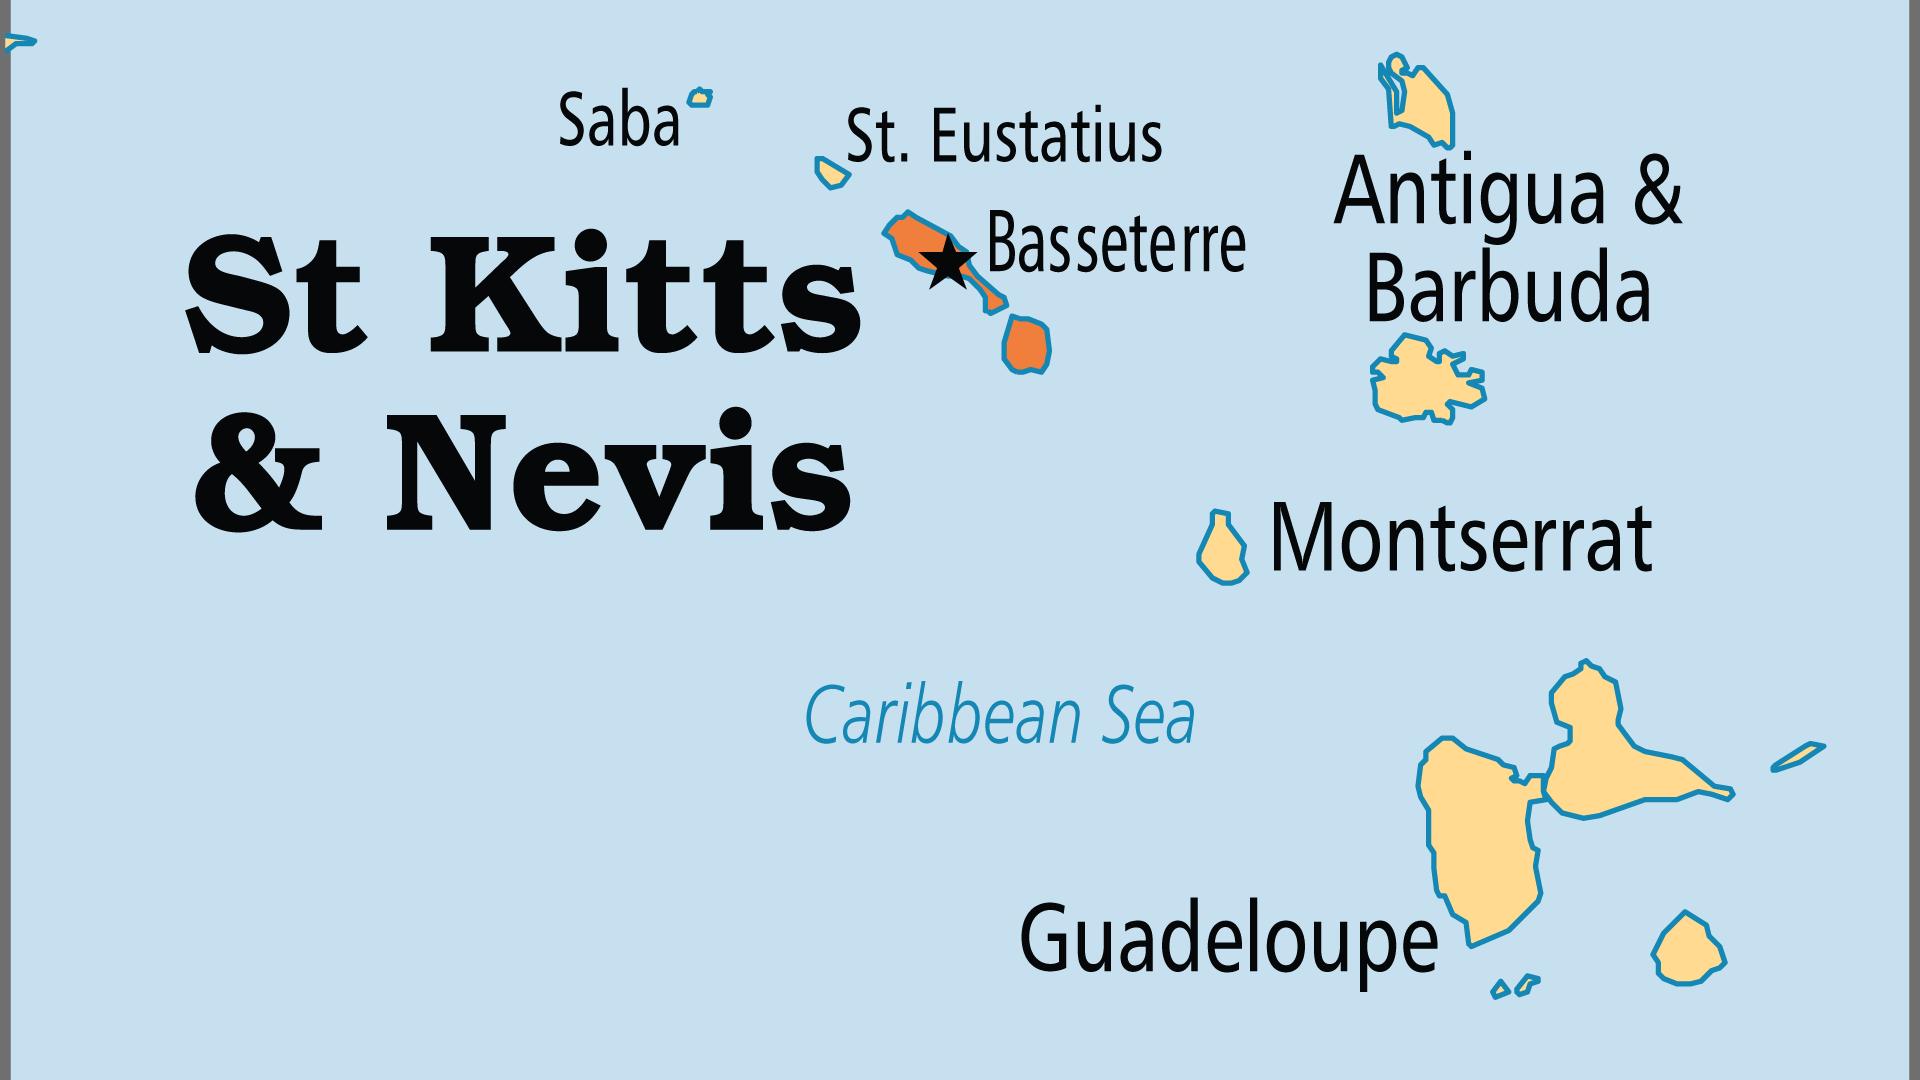 Map of Saint Kitts & Nevis